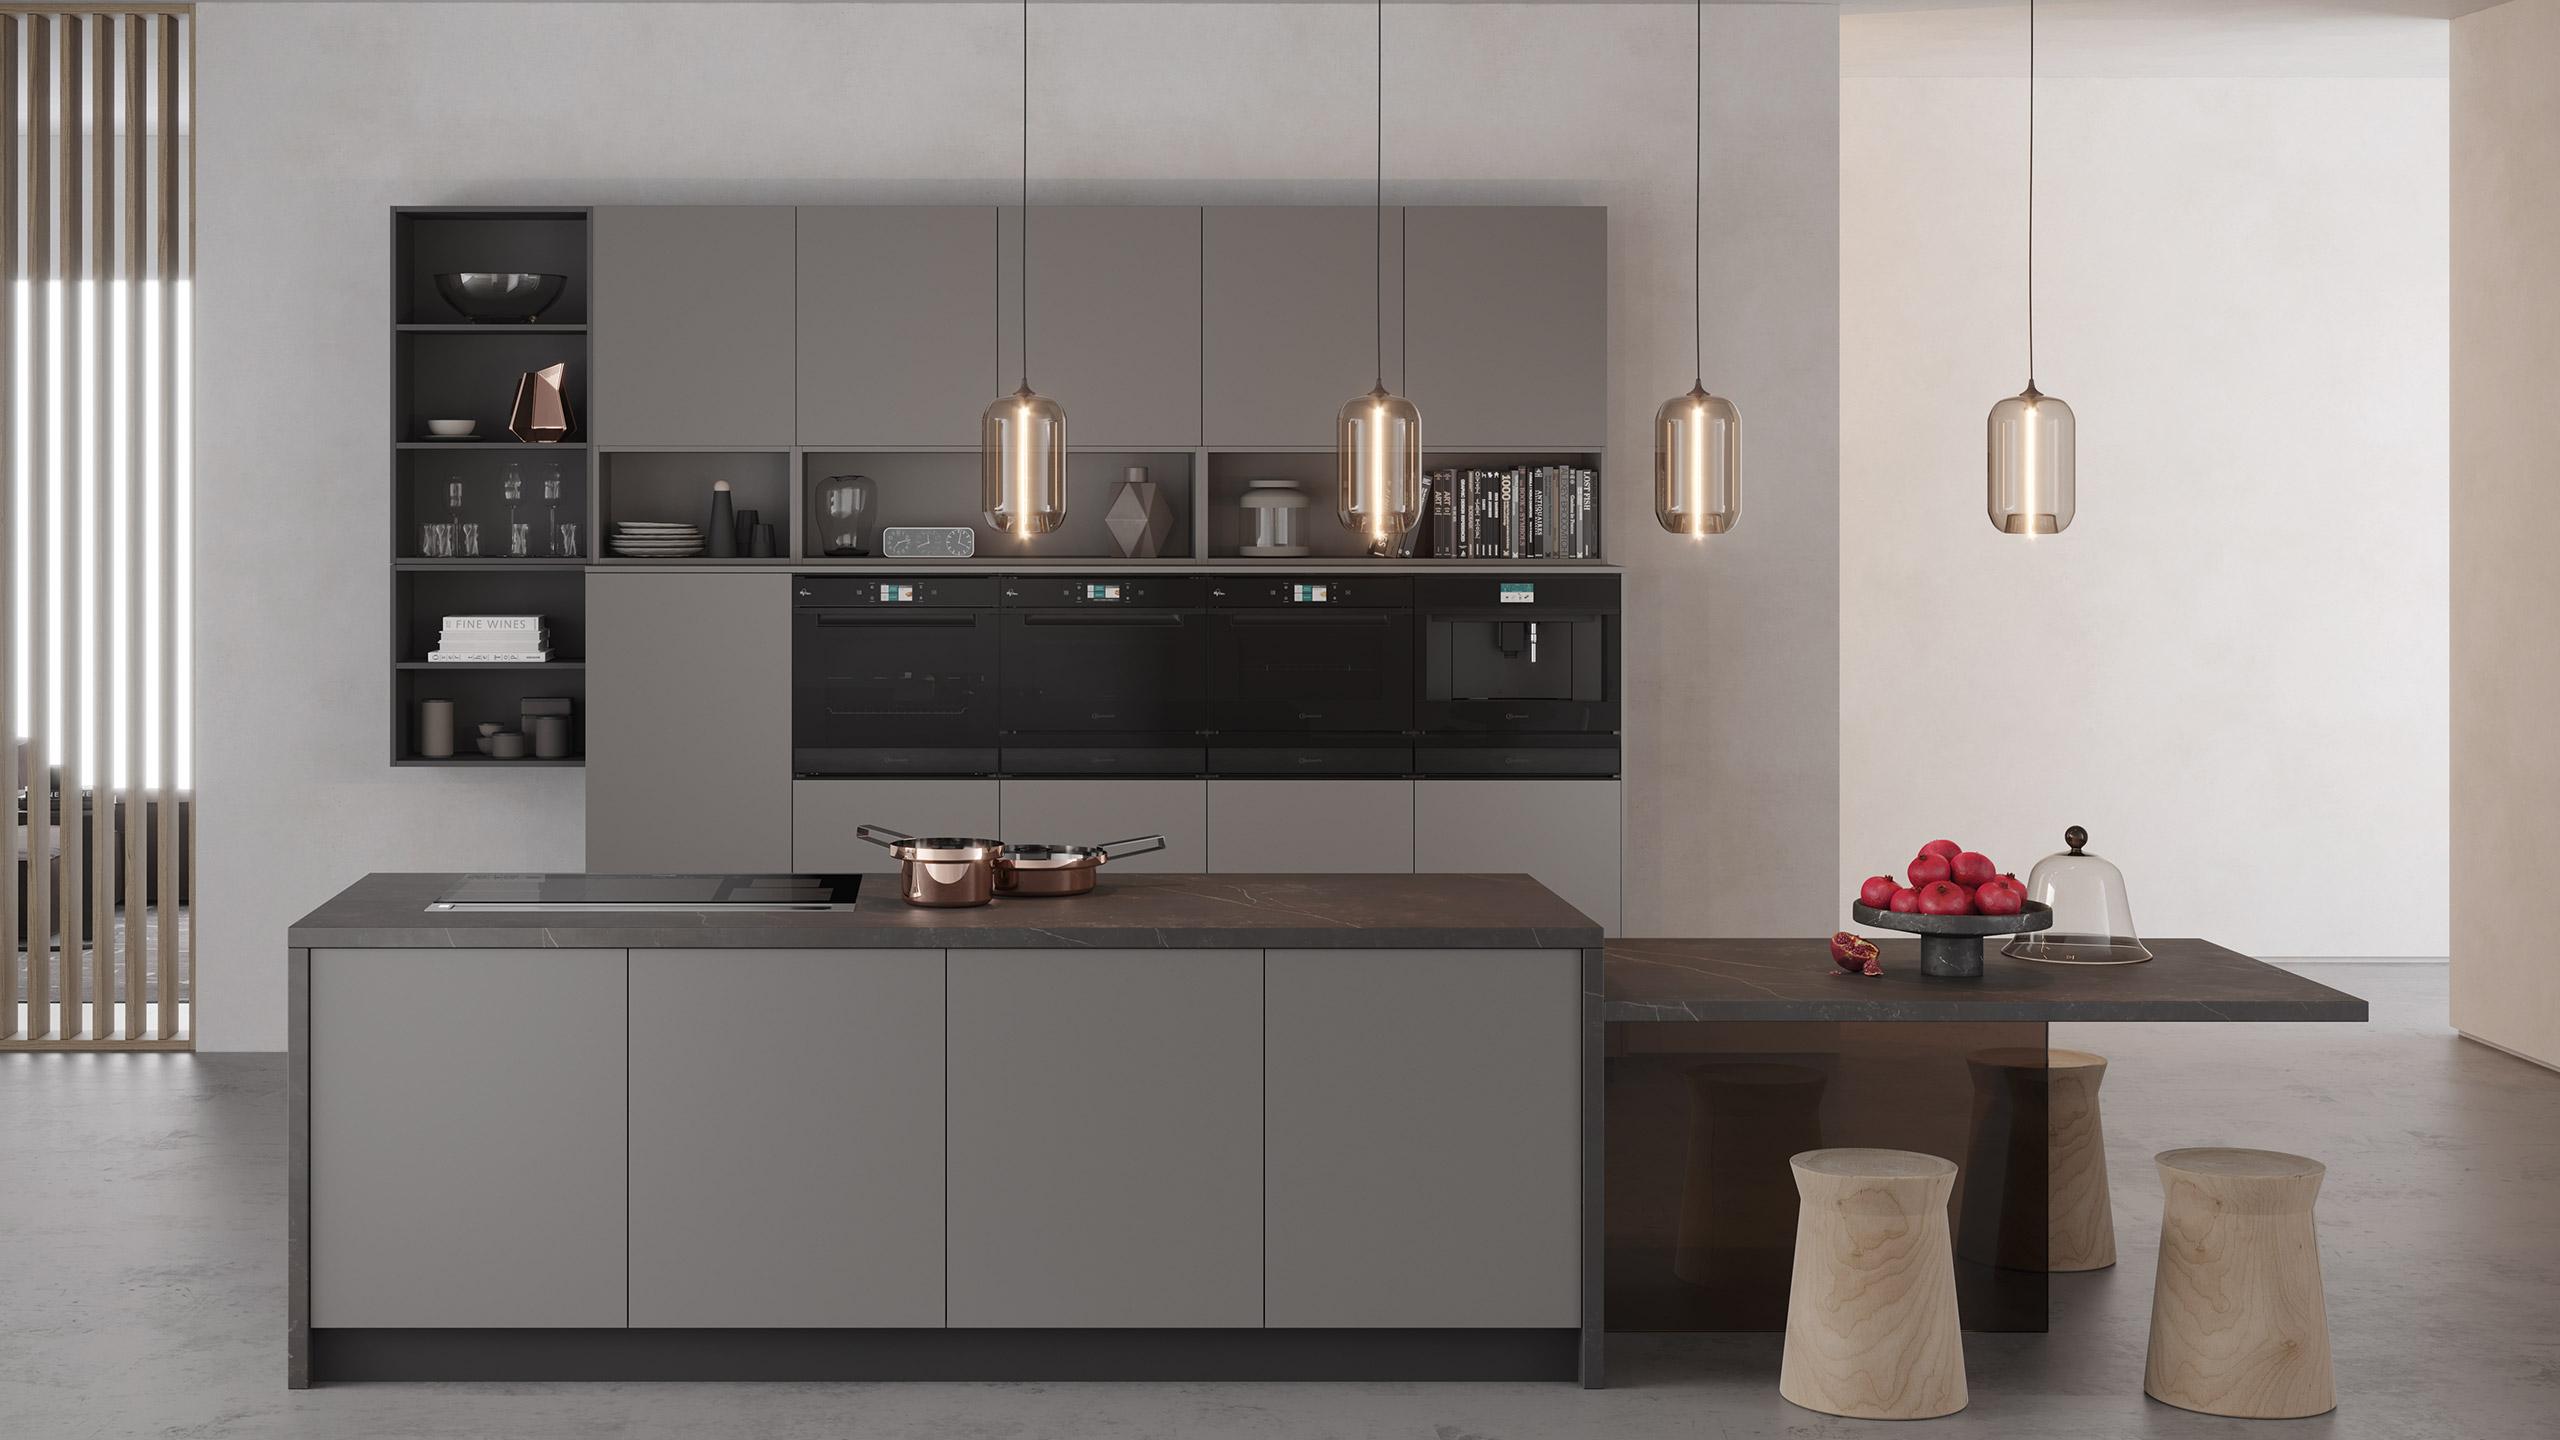 bauknecht collection 11 einbaugeräte grifflos header im küchen staude magazin